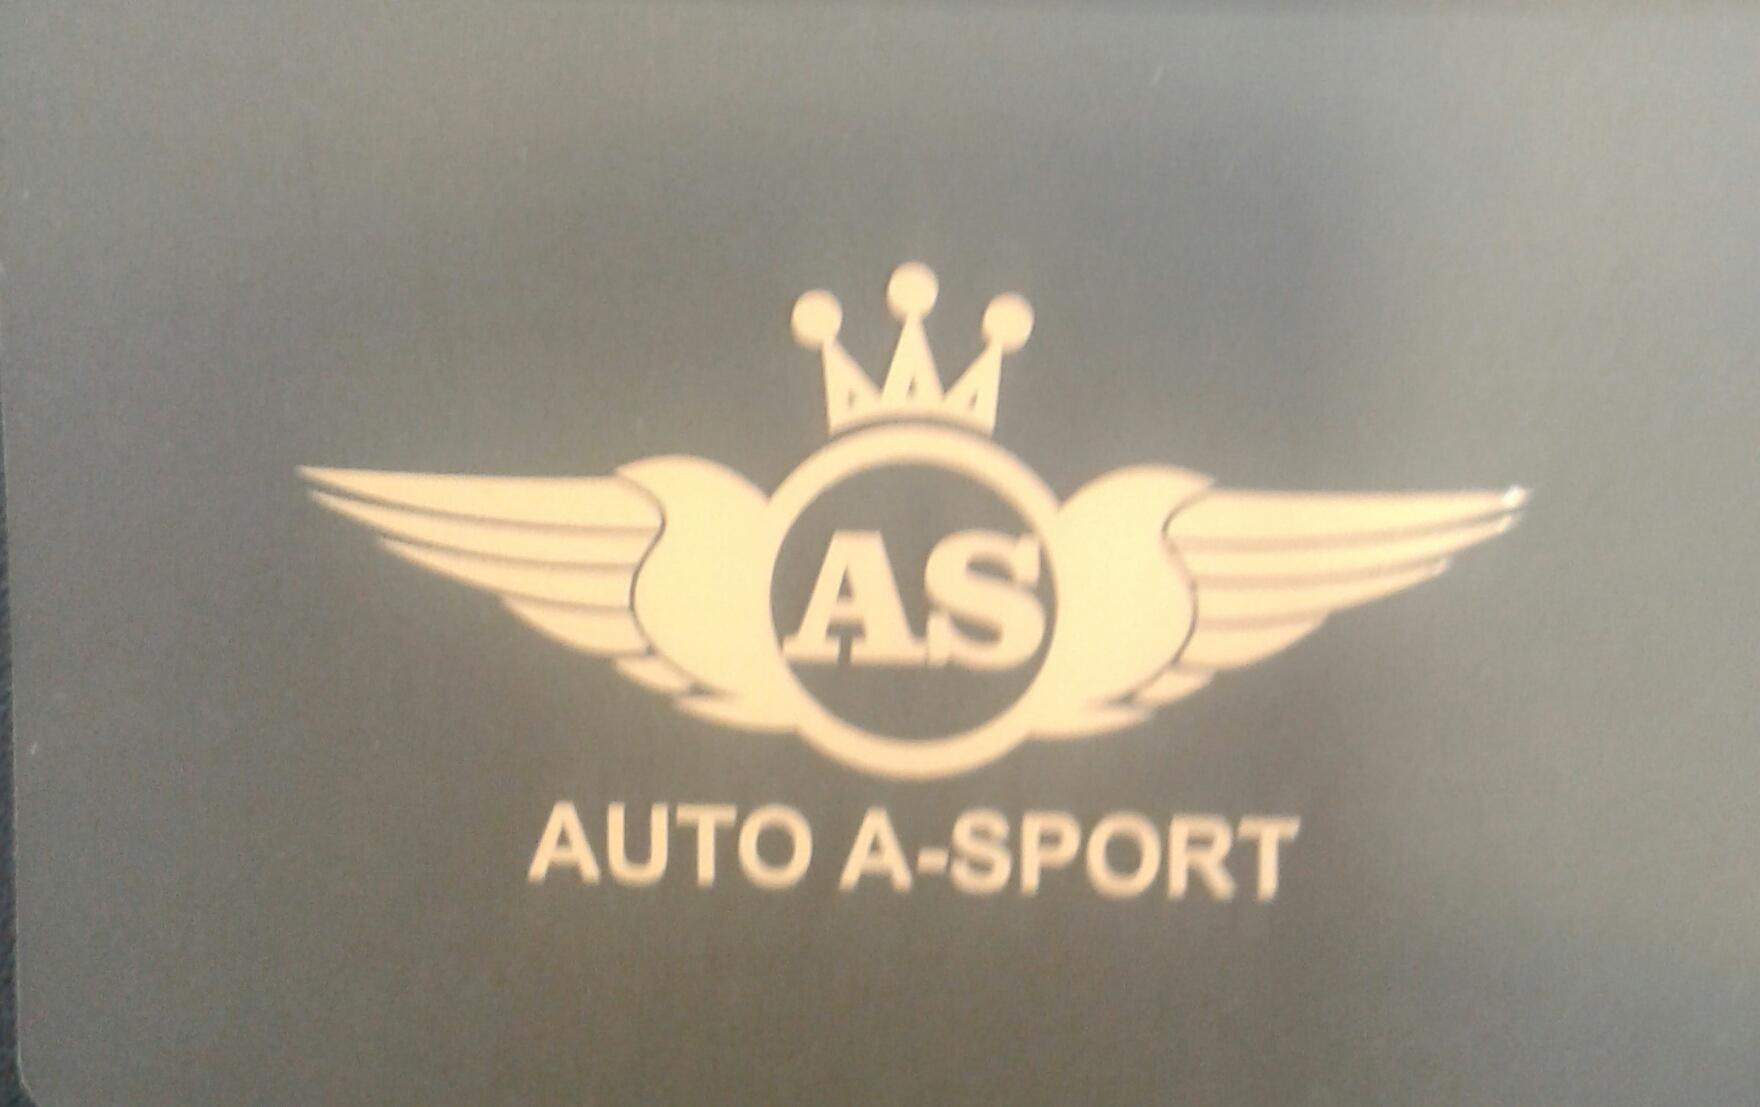 اتو A-SPORT